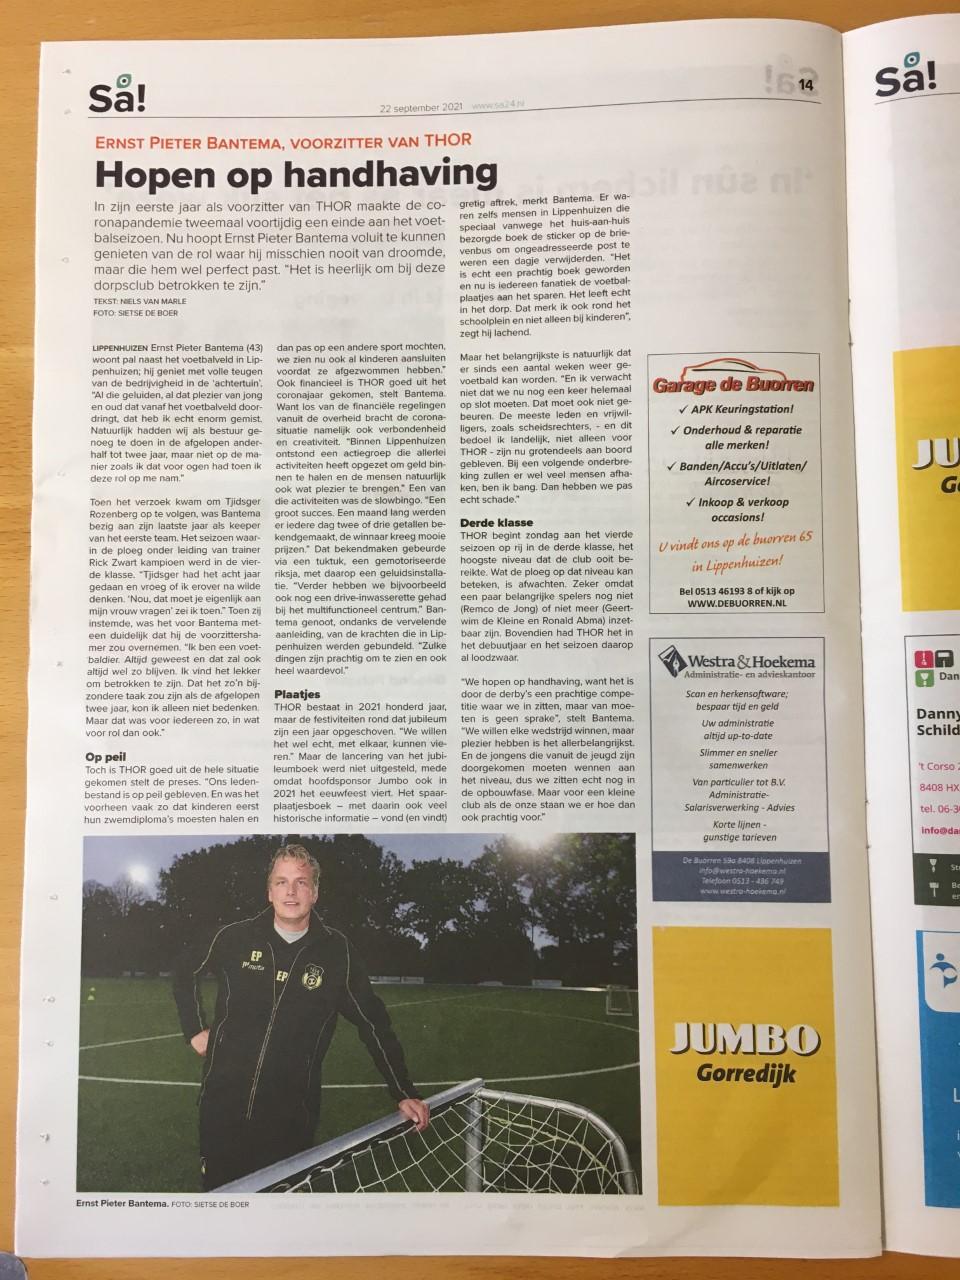 Artikel in de SA van 22 september